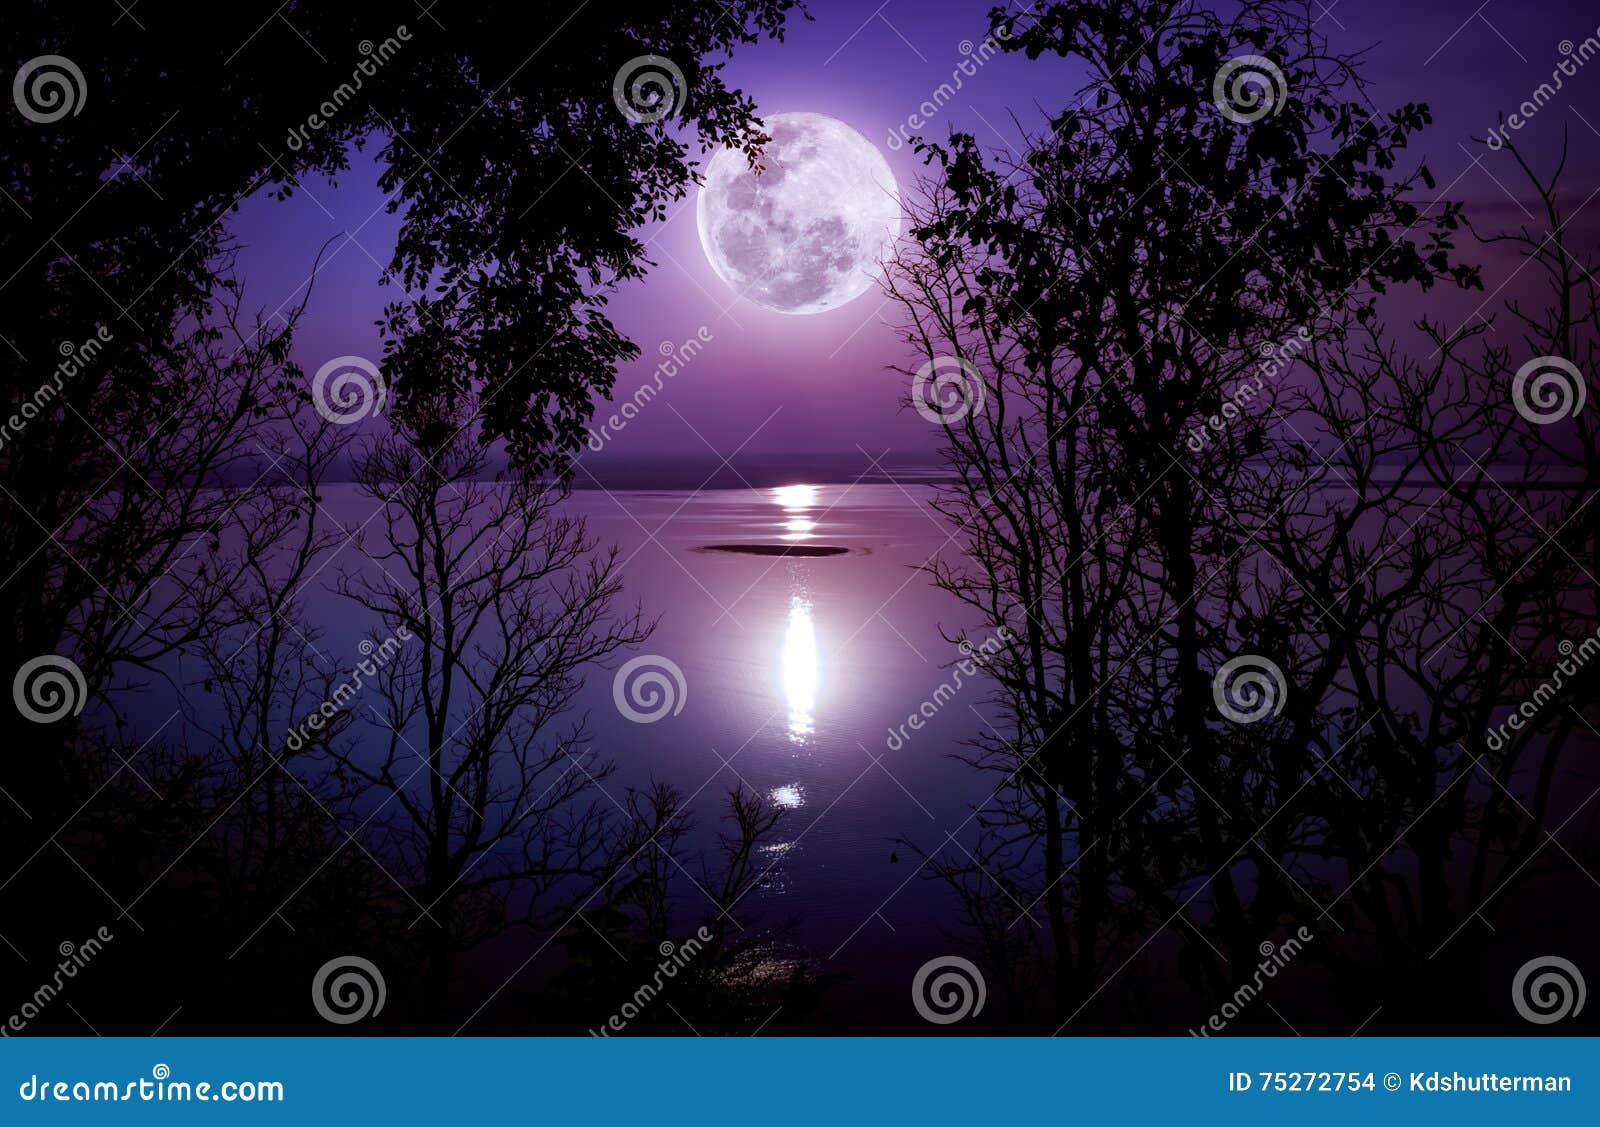 Download Schattenbilder Des Holzes Und Des Schönen Moonrise, Heller Vollmond Wo Stockfoto - Bild von halloween, mondschein: 75272754